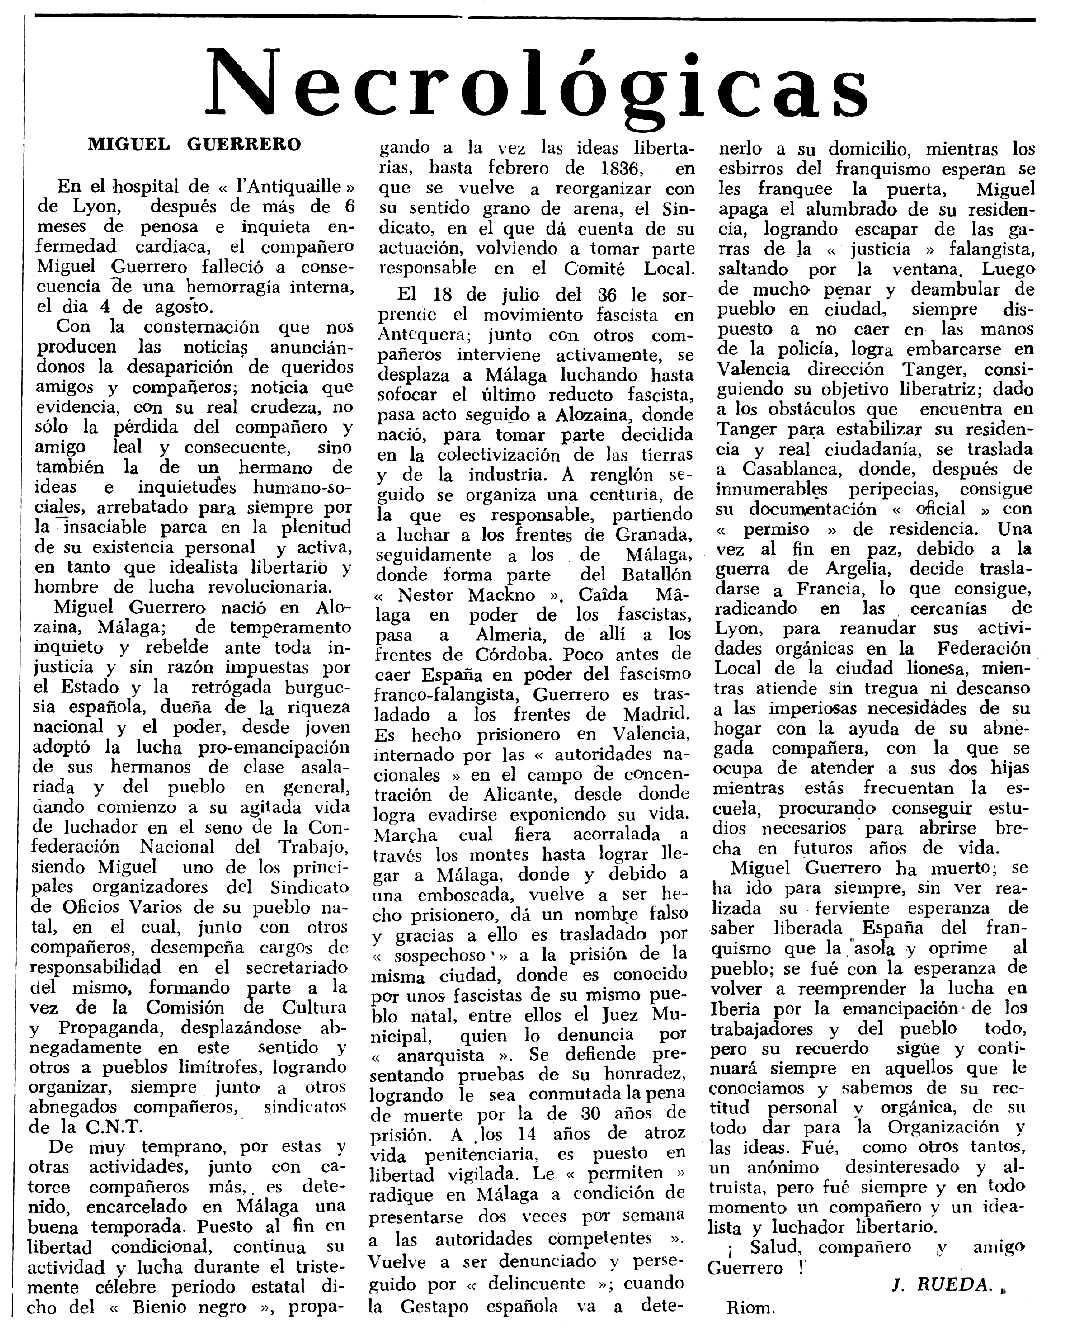 """Necrològica de Miguel Guerrero Sepúlveda apareguda en el periòdic tolosà """"Espoir"""" del 12 de desembre de 1965"""